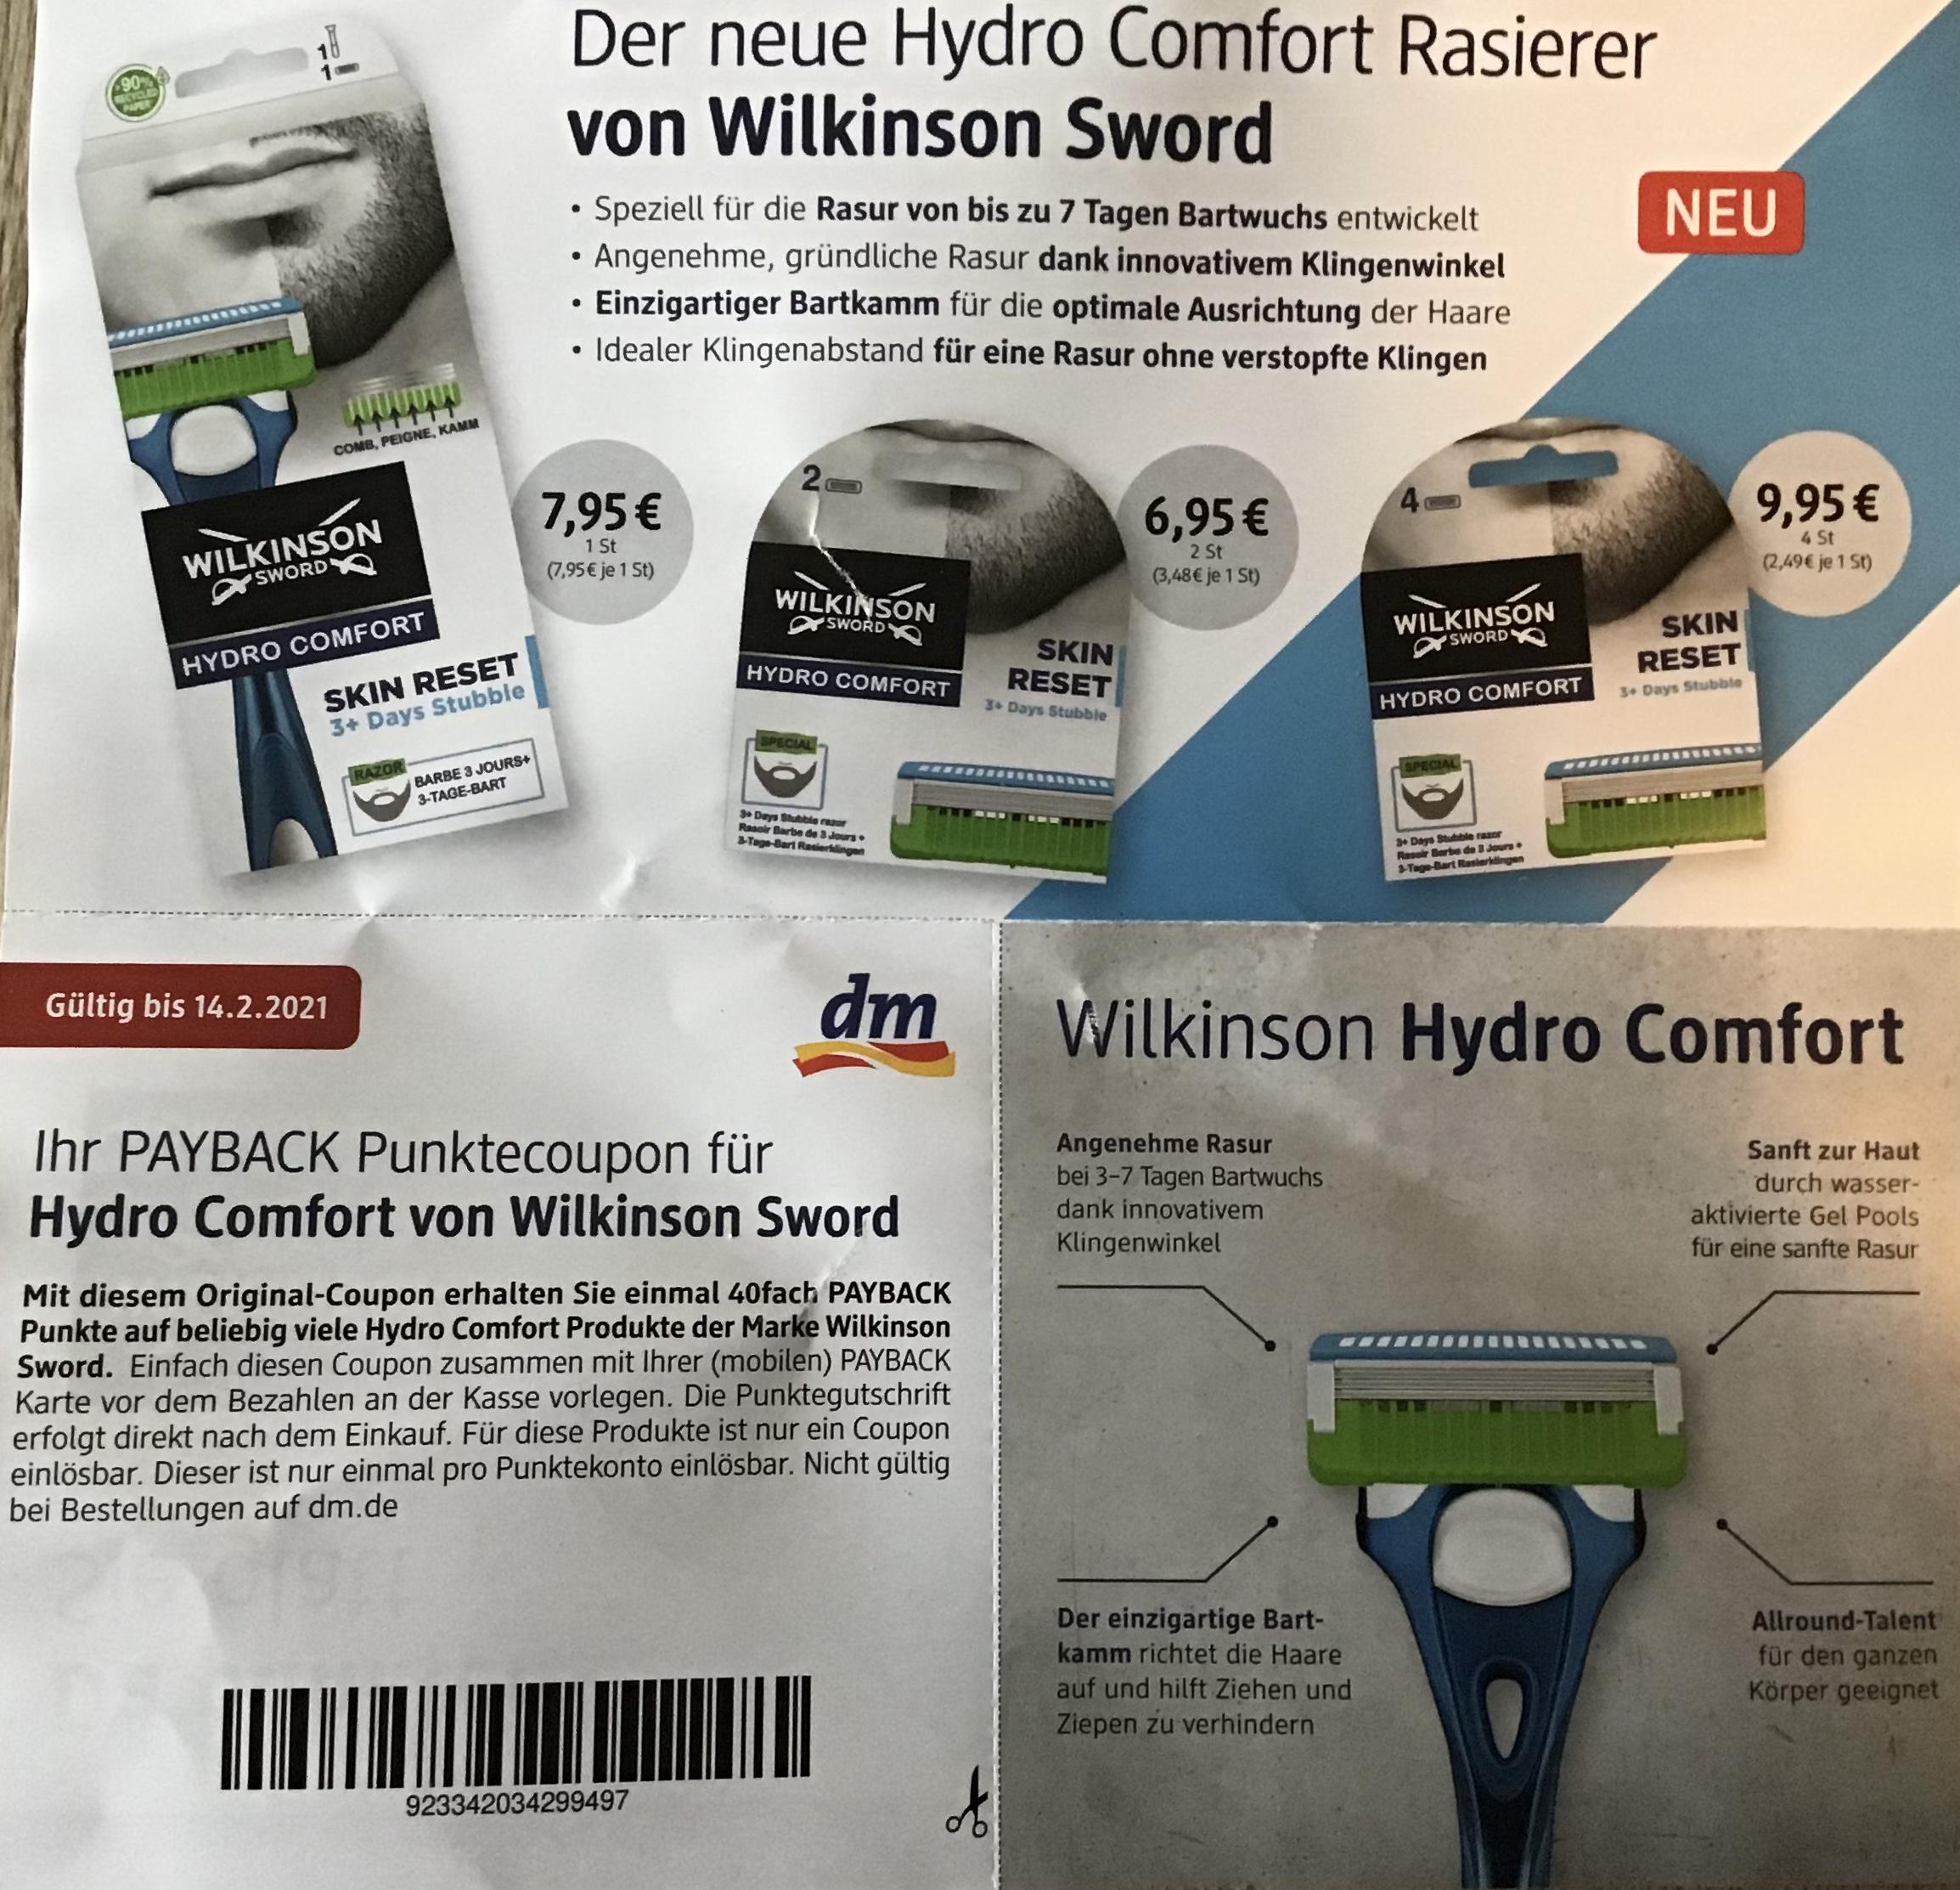 [dm PAYBACK] 40fach Punkte auf Wilkinson Hydro Comfort Rasierer und Ersatzrasierklingen